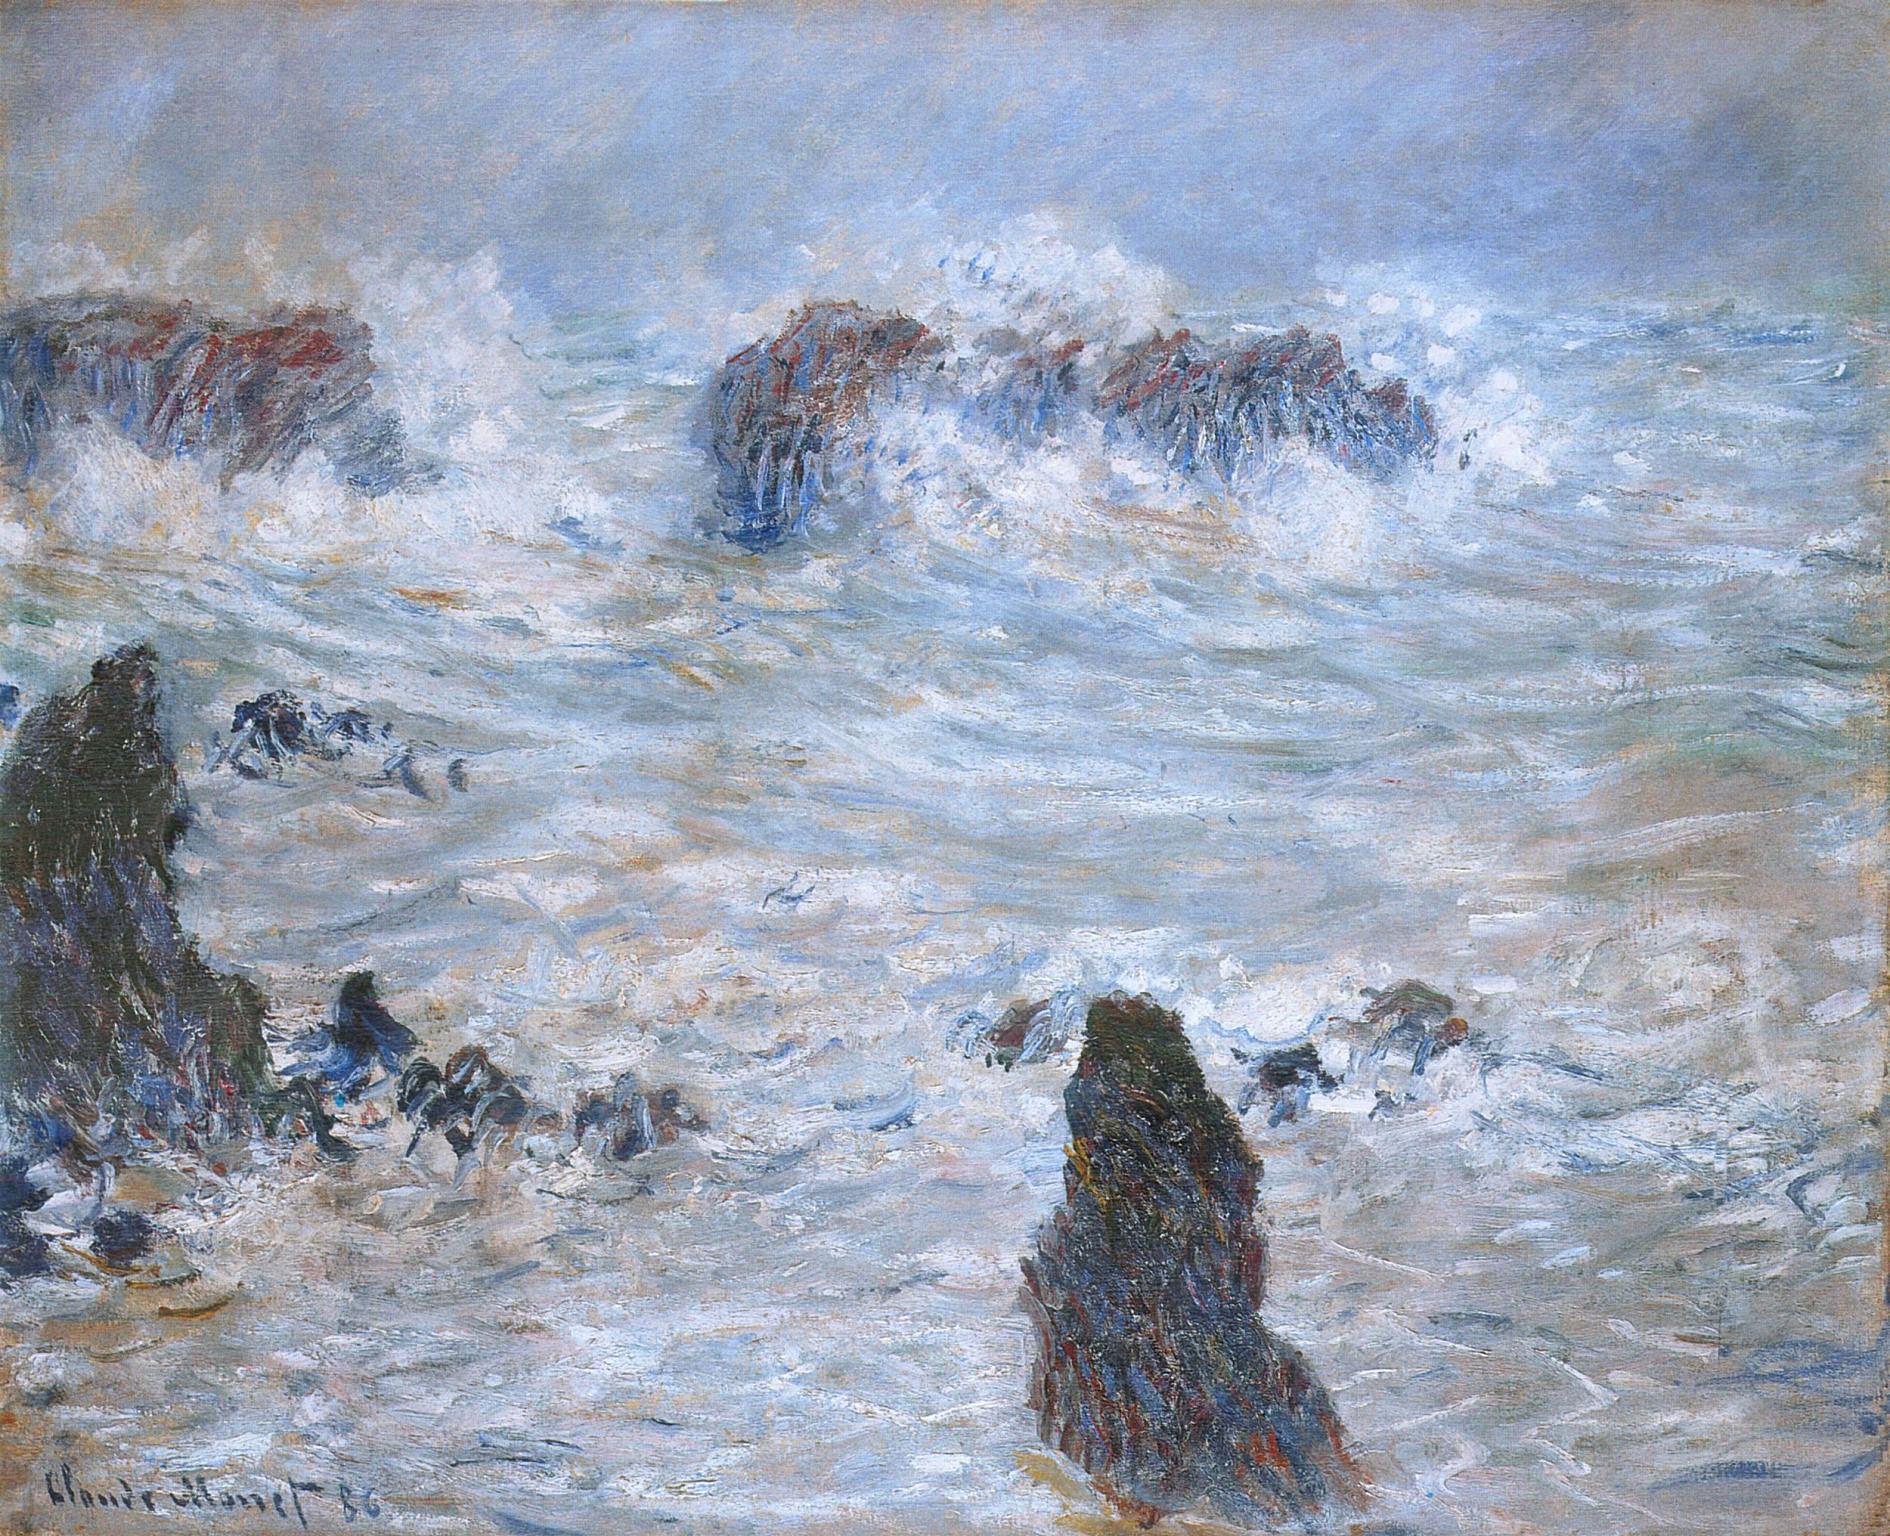 Storm off the coast of belle ile 1886 claude monet for Port donnant belle ile